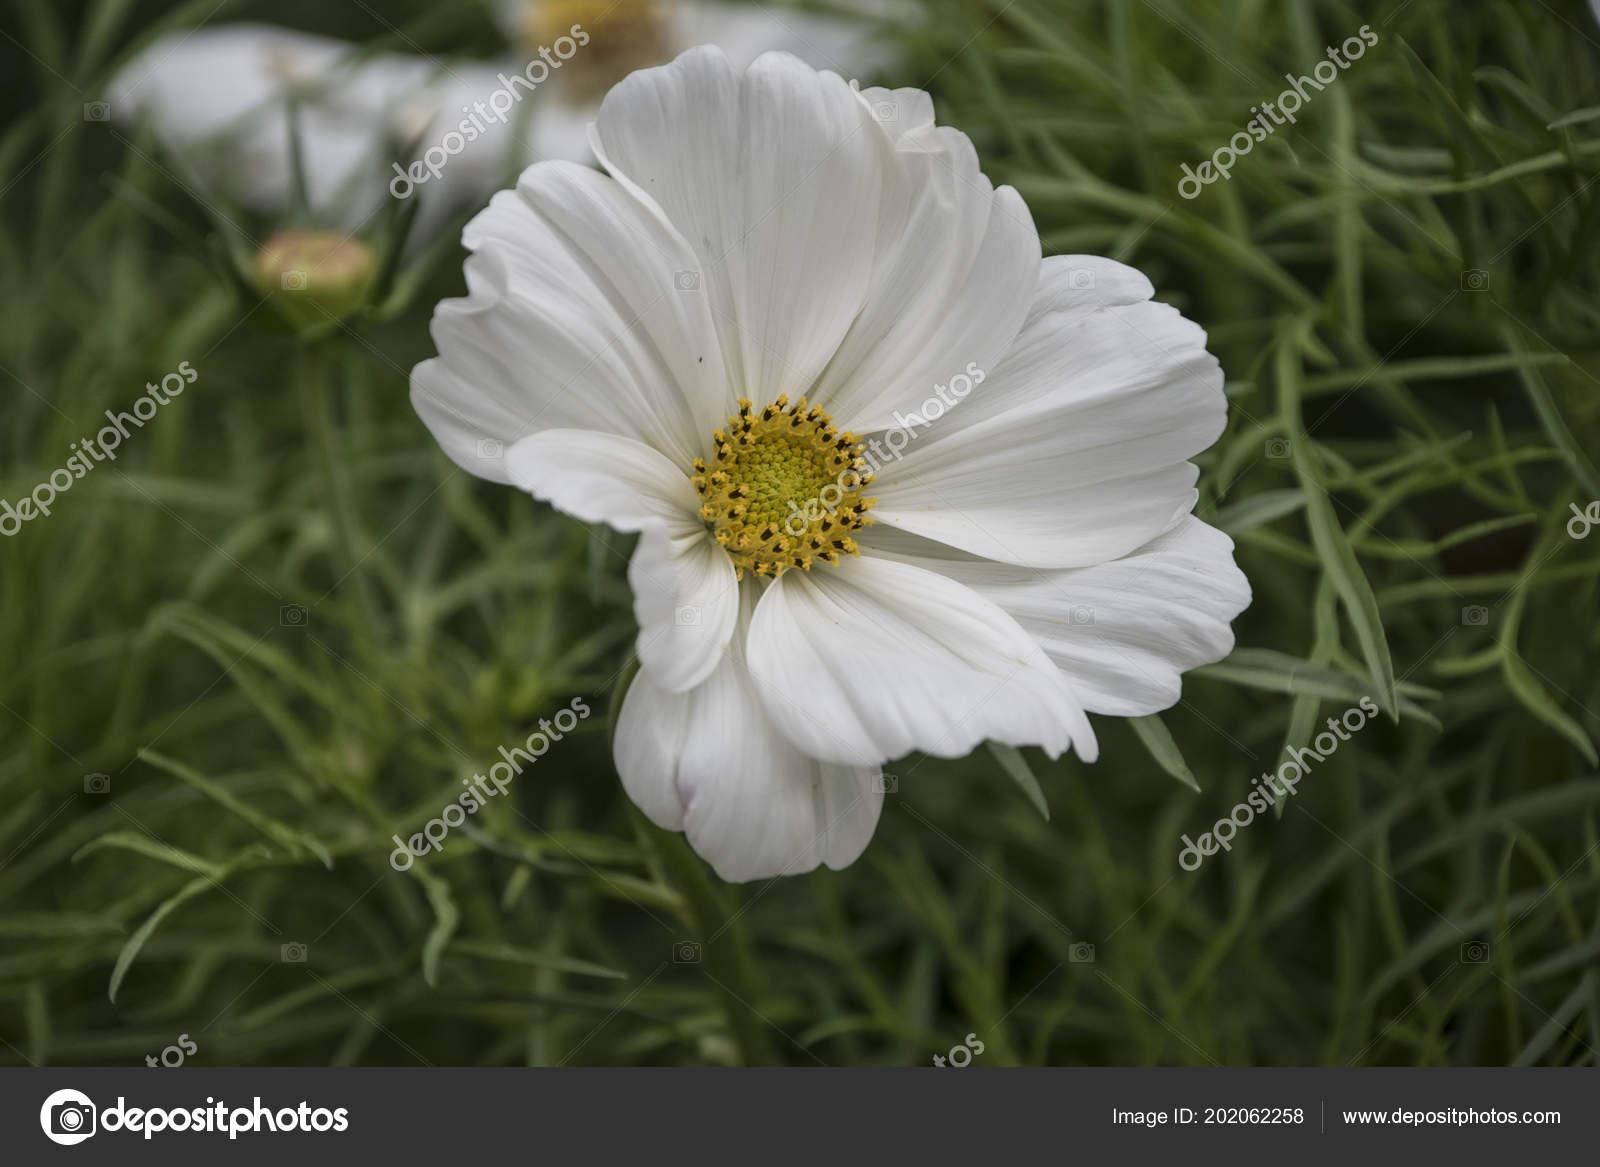 Summer flower white cosmos flower latin cosmos bipinnatus stock summer flower white cosmos flower latin cosmos bipinnatus stock photo mightylinksfo